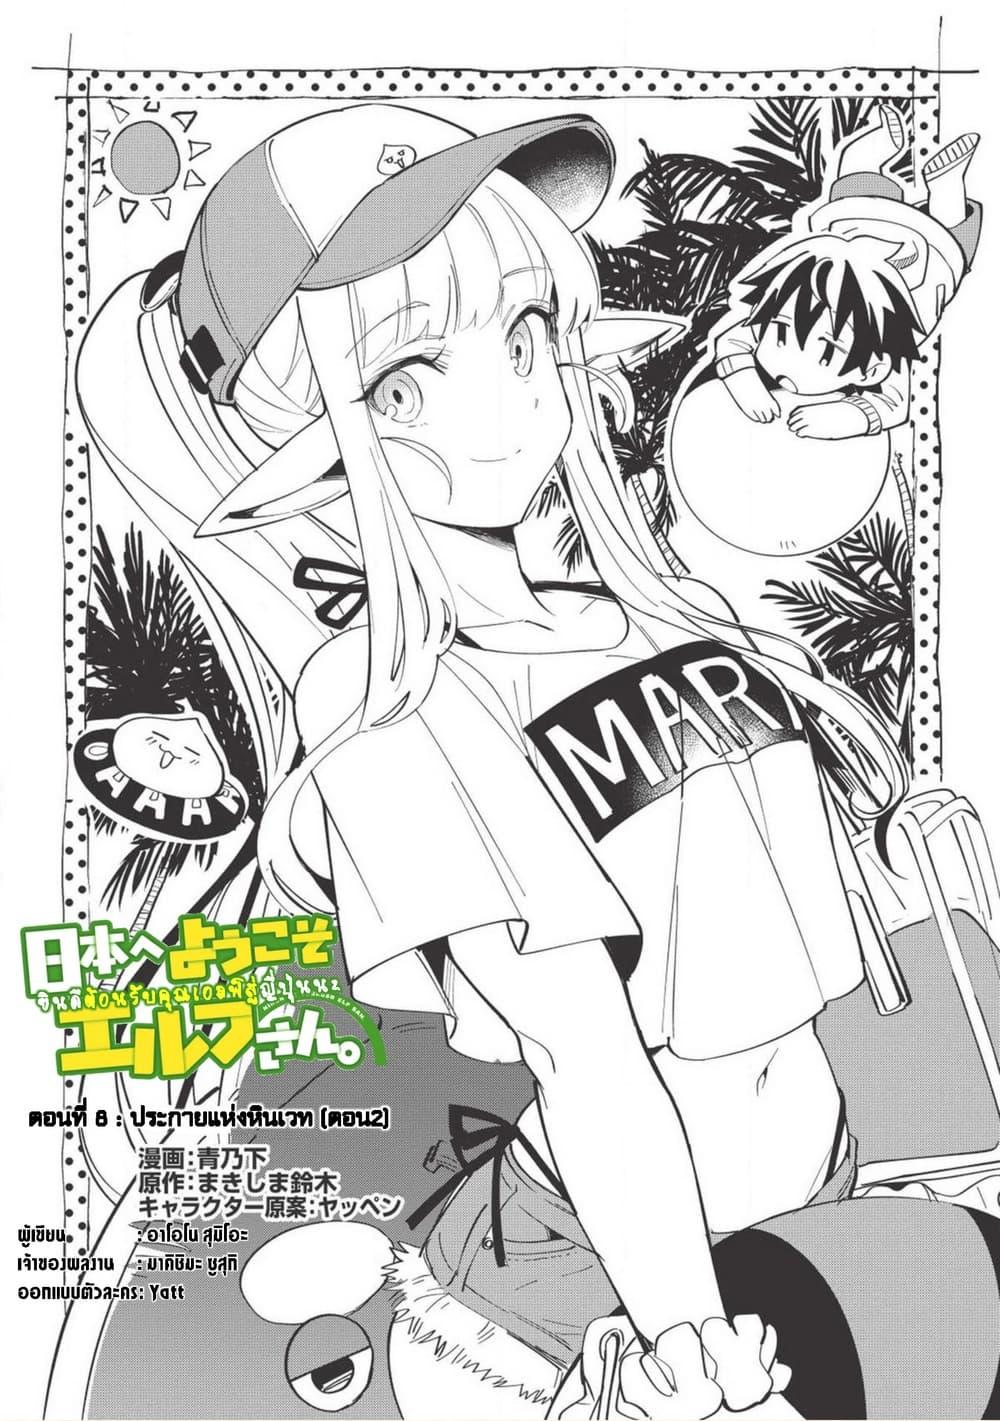 อ่านการ์ตูน Nihon e Youkoso Elf san ตอนที่ 8 หน้าที่ 1